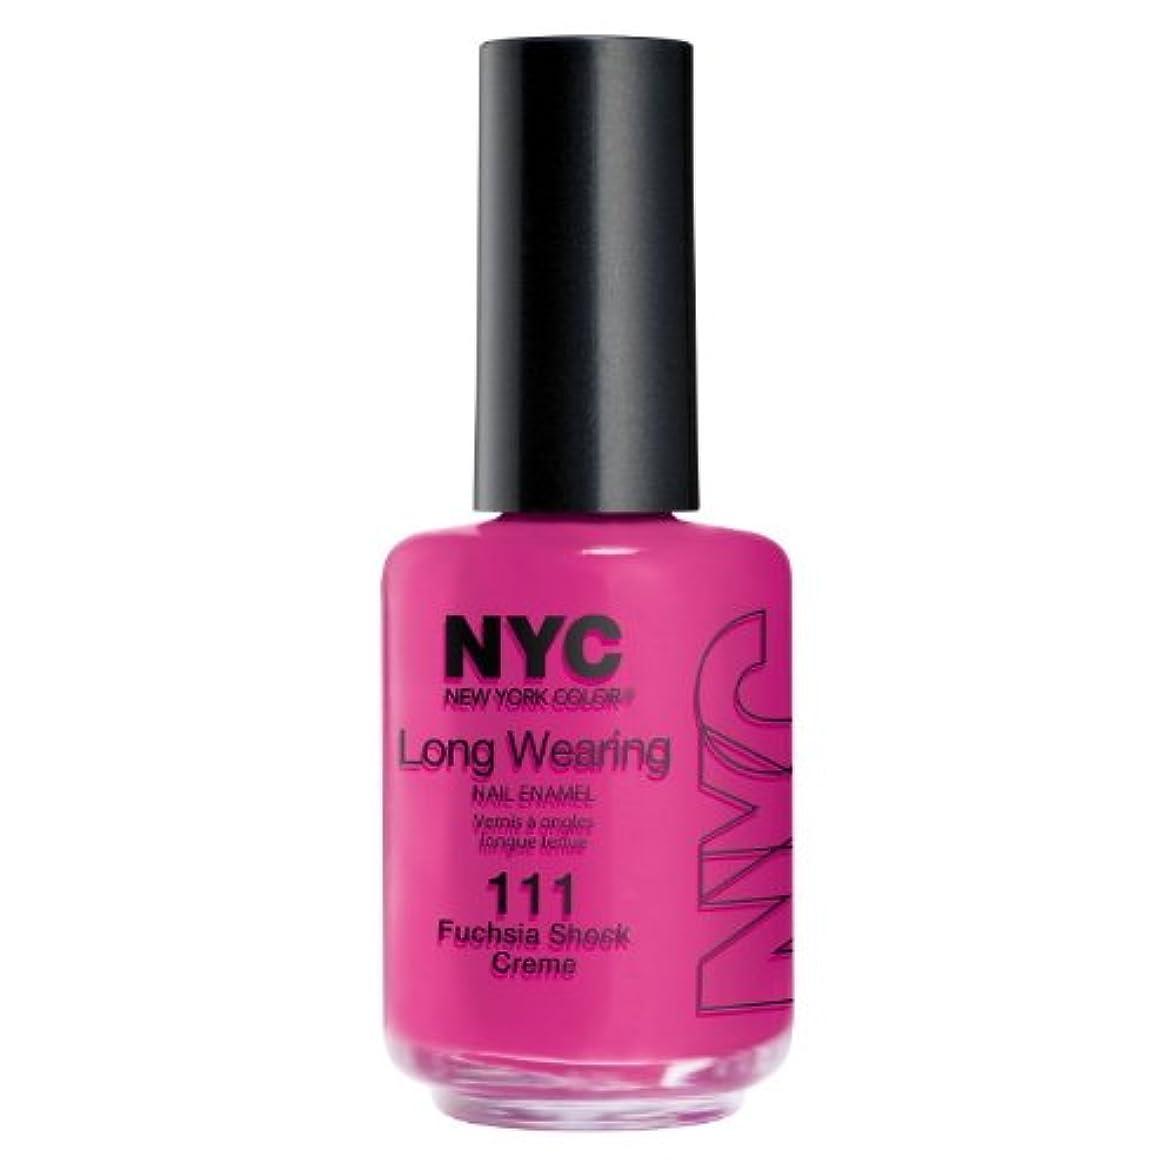 地区ギネスシットコムNYC Long Wearing Nail Enamel - Fuchisia Shock Creme (並行輸入品)